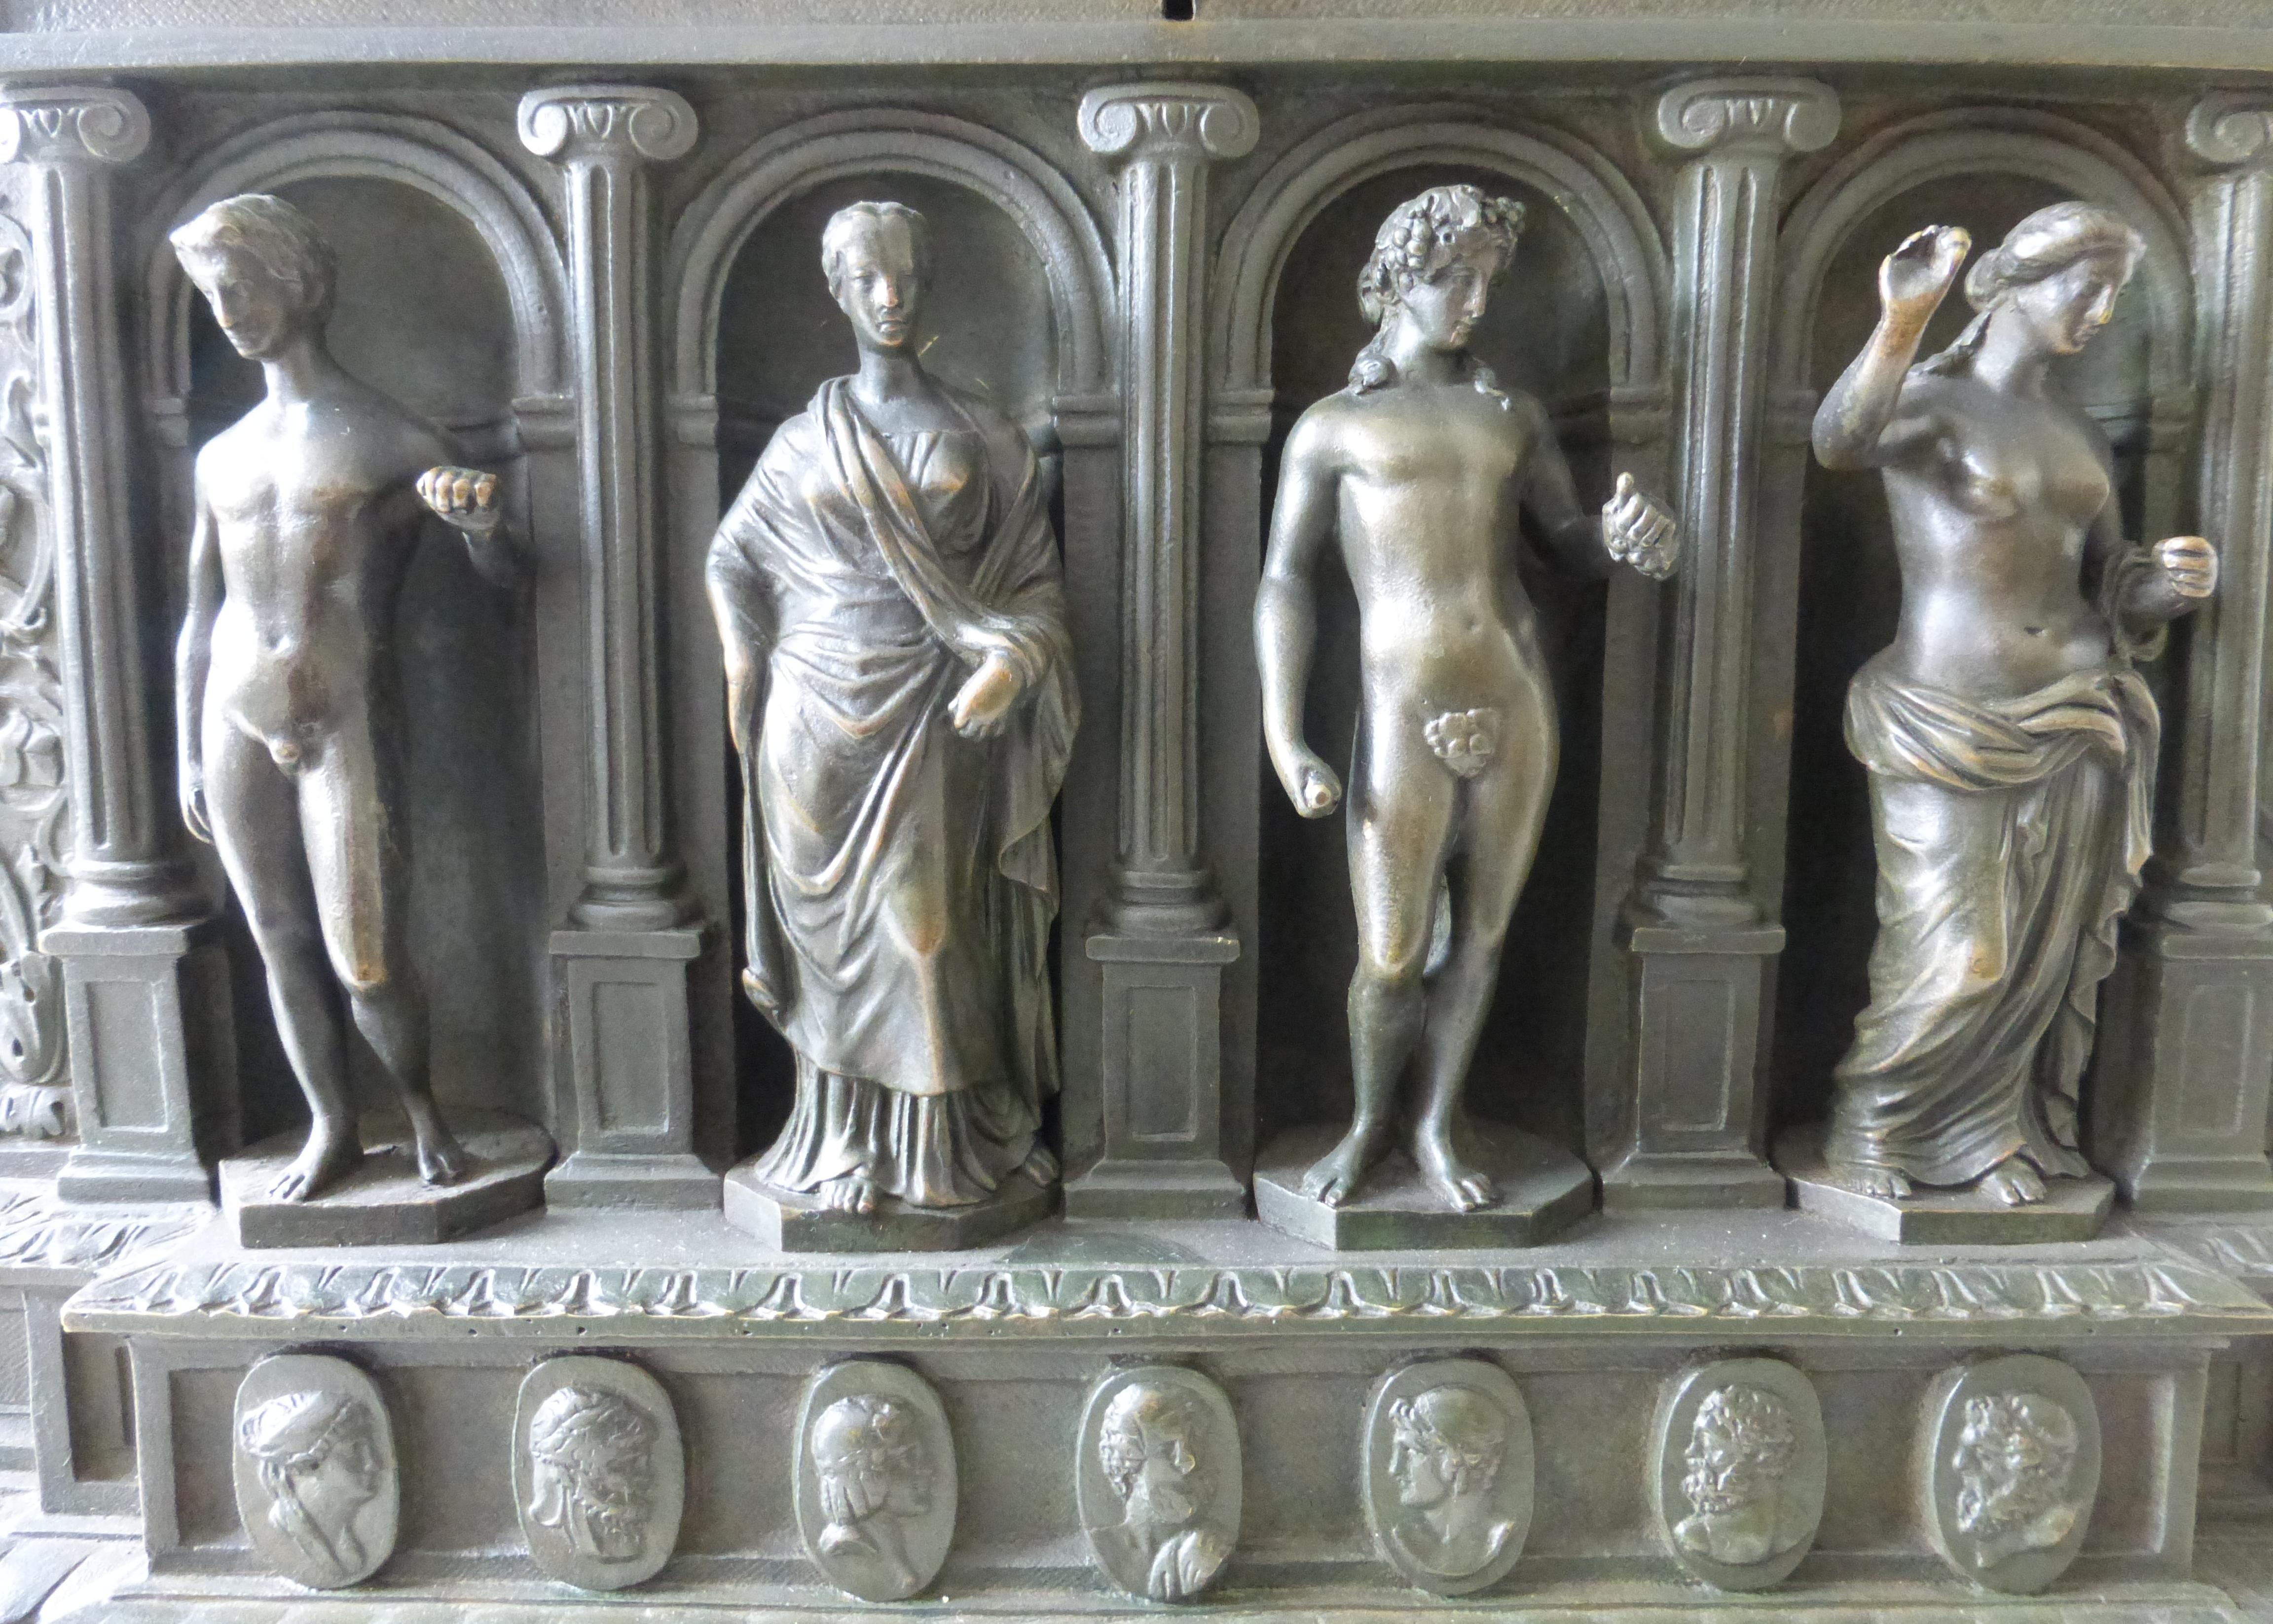 0a5c1b1b06062 Rechts neben Dionysos befindet sich die Statue einer weiblichen Gestalt.